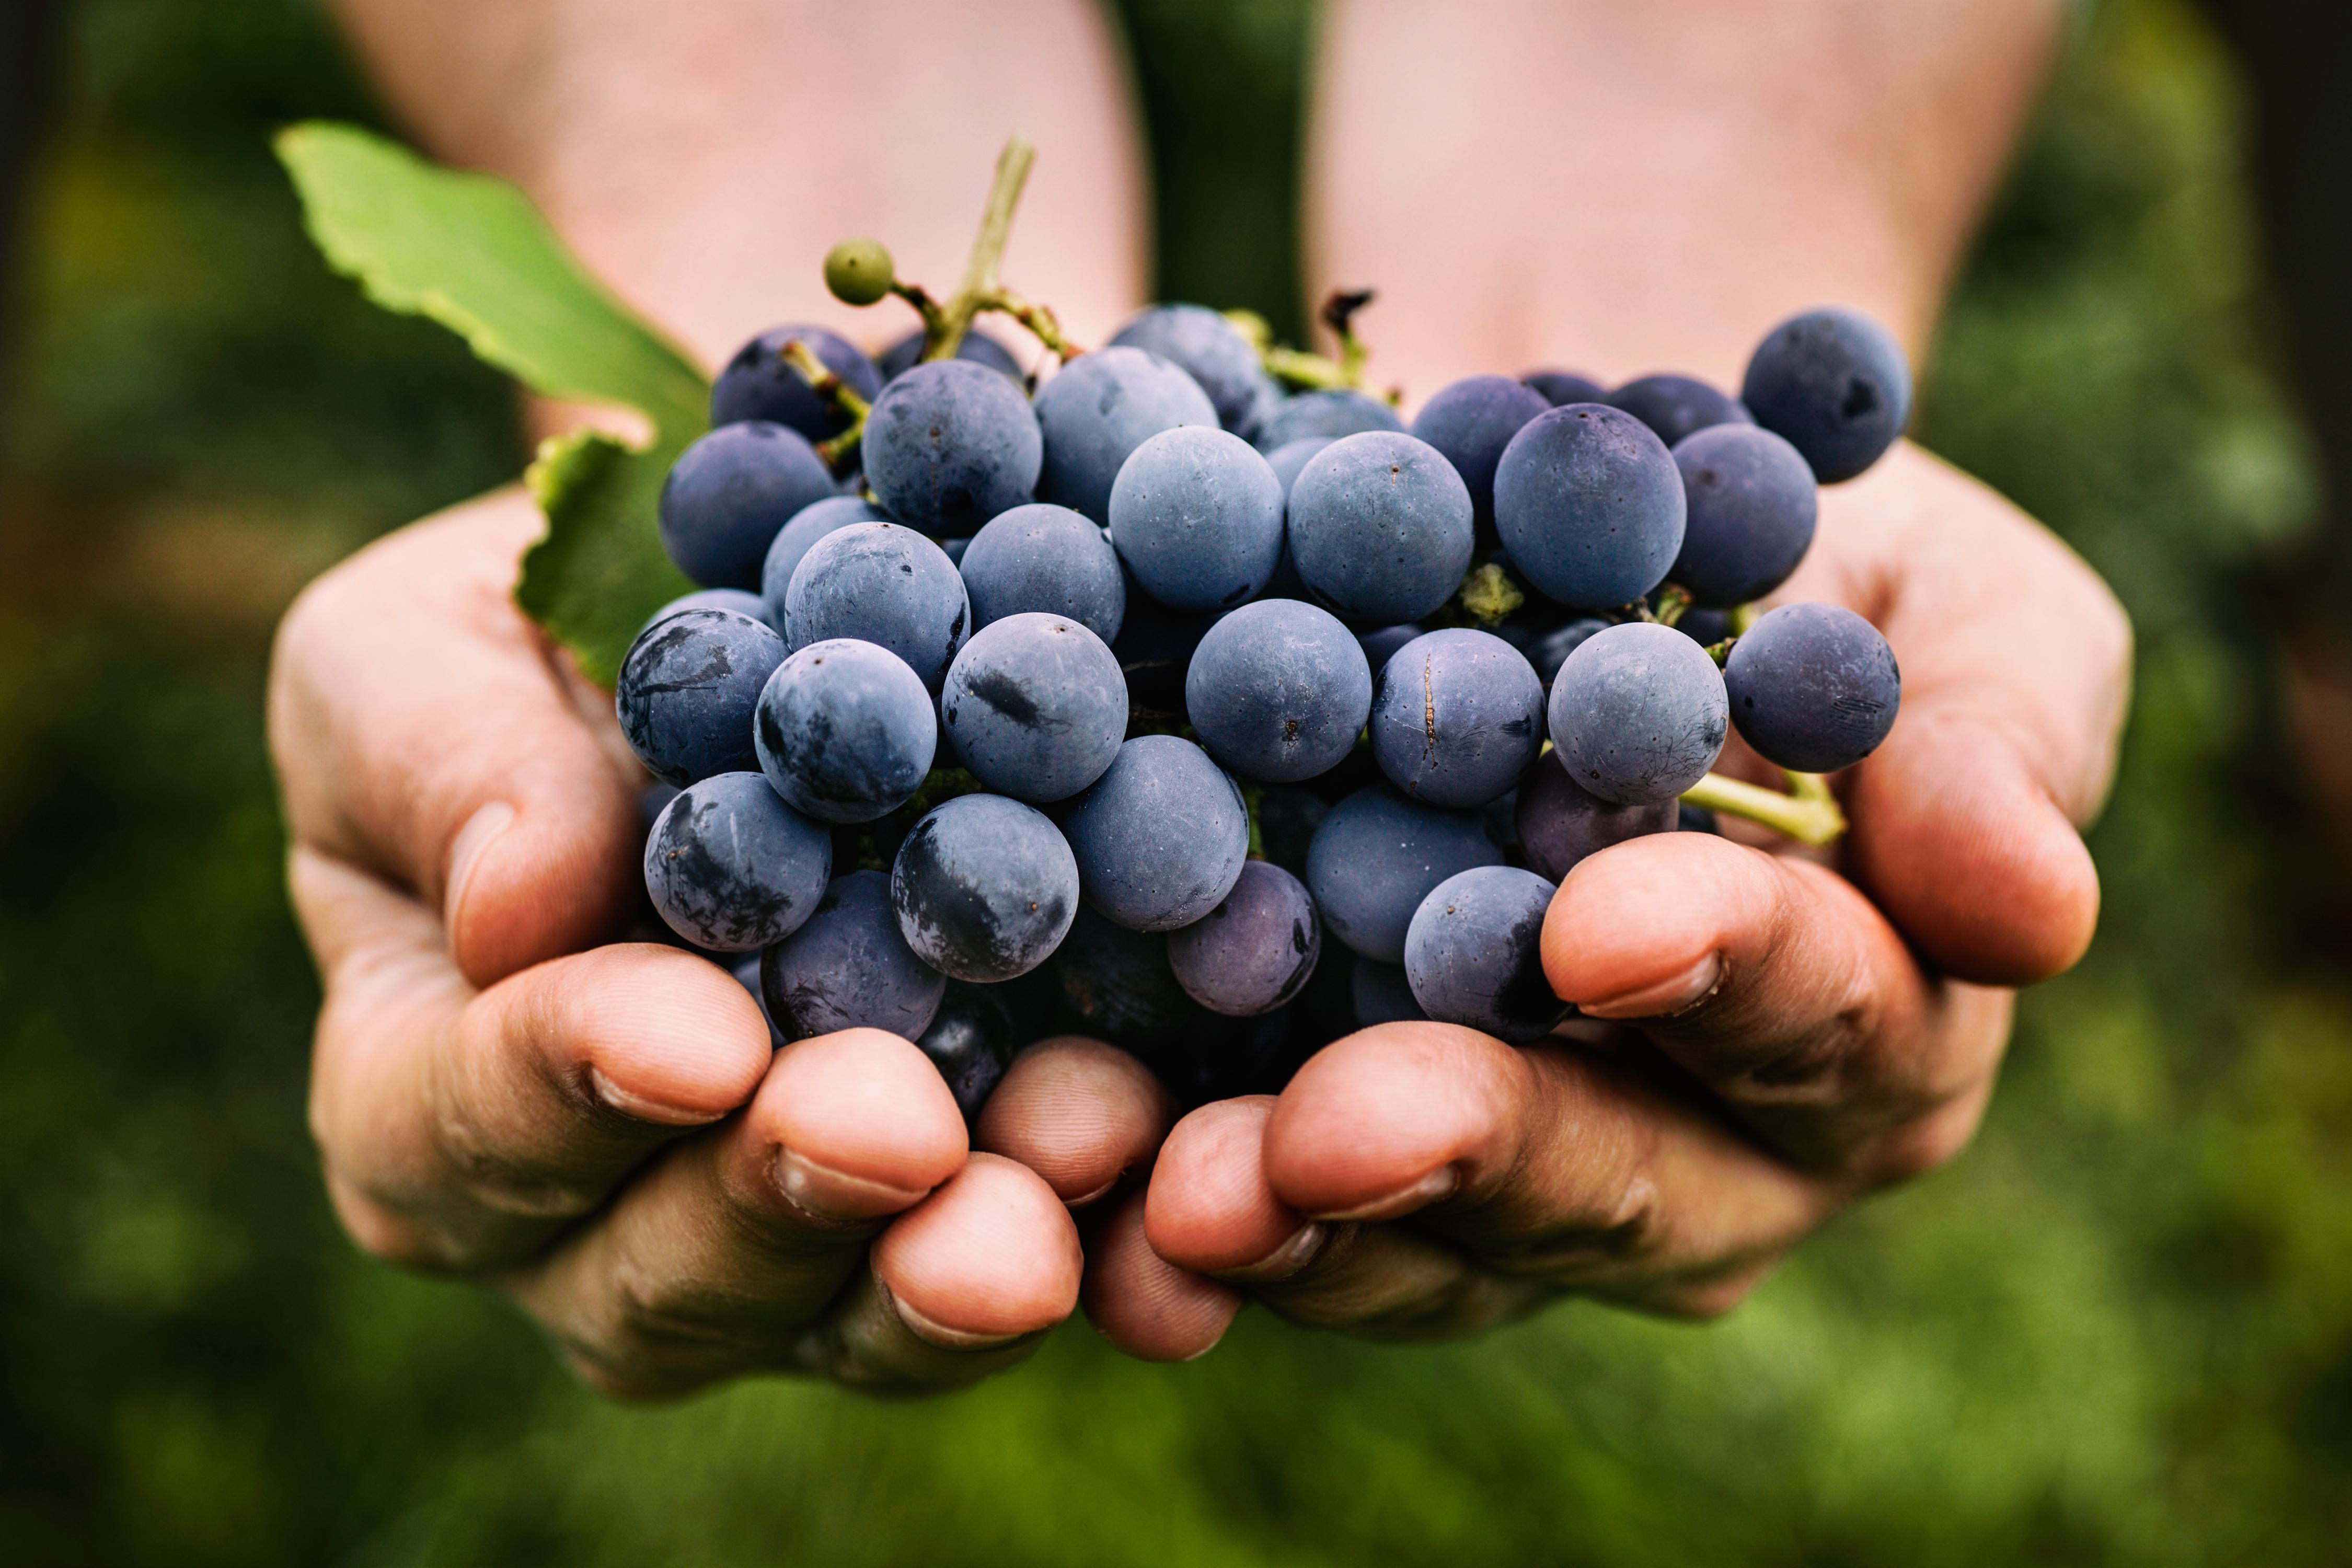 Resveratrol bildas i bland annat skalet på röda vindruvor och fungerar som ett försvar mot angrepp av bakterier och svampar.